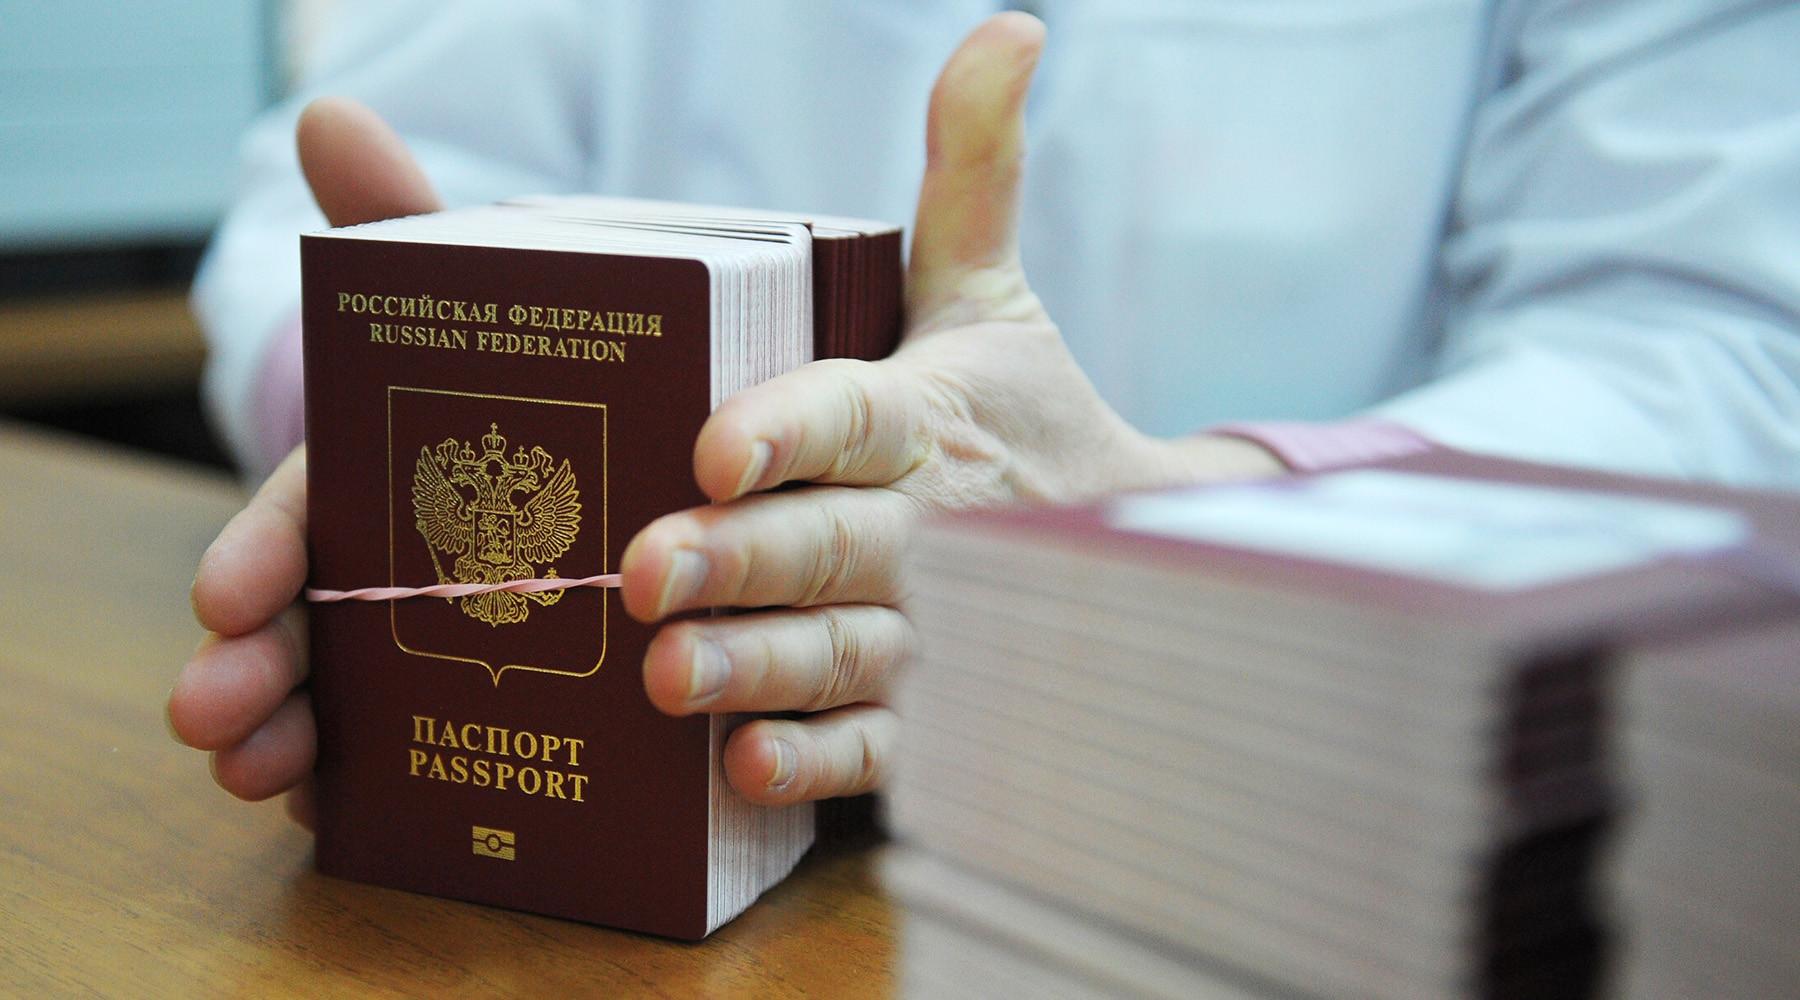 оказался Замена паспорта после заключения брака сроки изготовления терялся